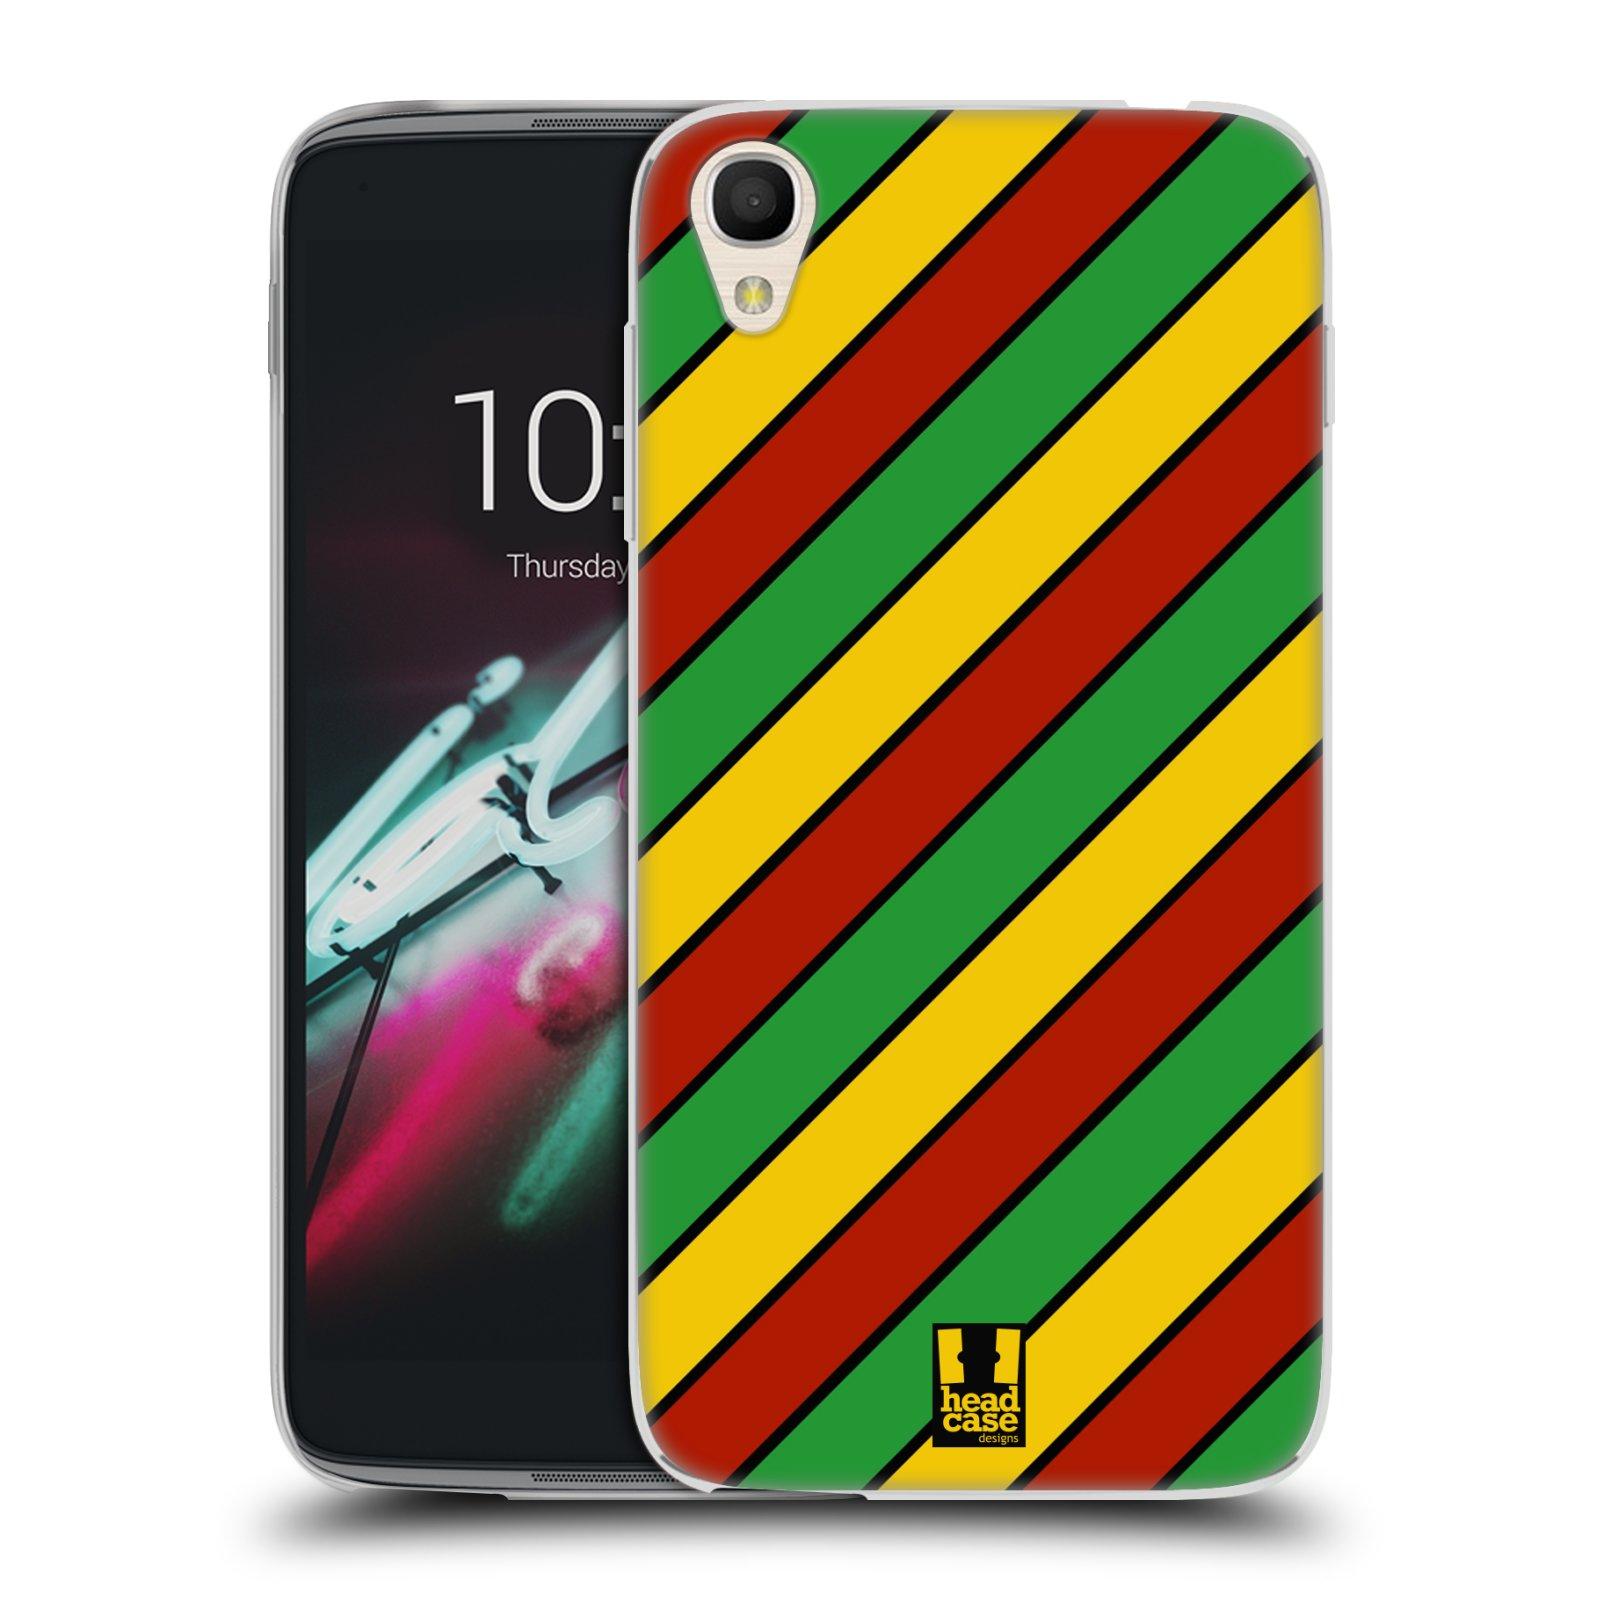 HEAD CASE silikonový obal na mobil Alcatel Idol 3 OT-6039Y (4.7) vzor Rasta barevné vzory PRUHY